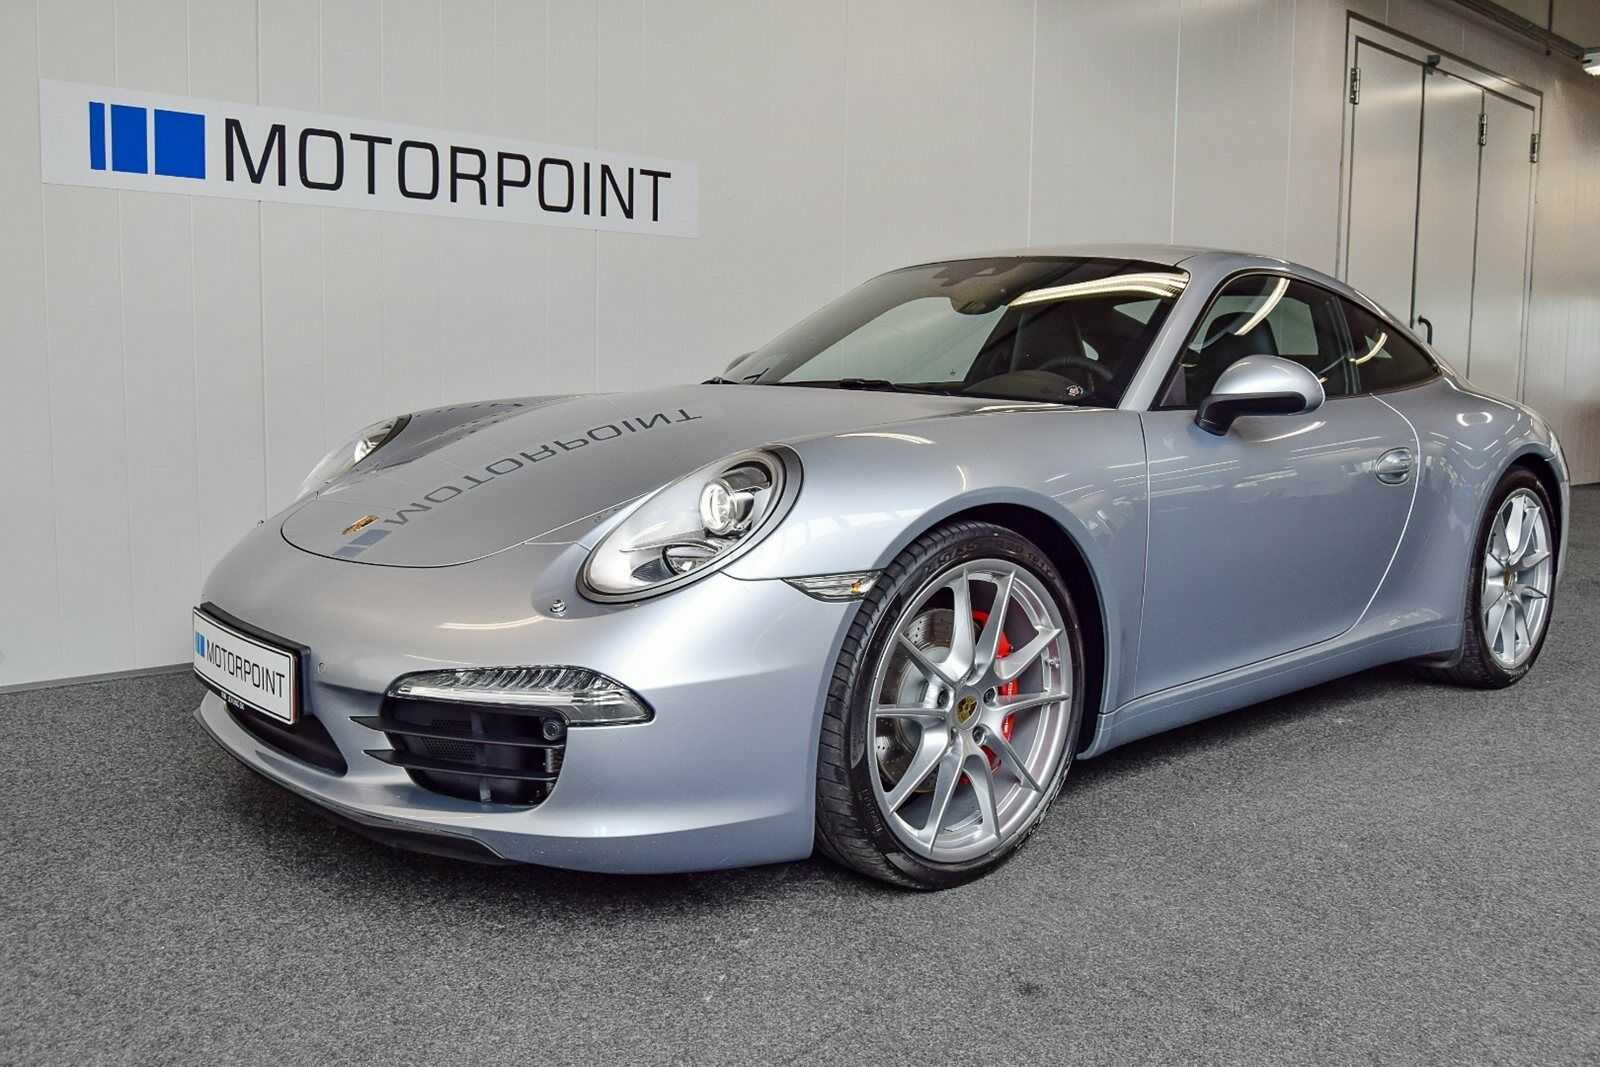 Porsche 911 Carrera S 3,8 Coupé PDK 2d - 1.449.900 kr.